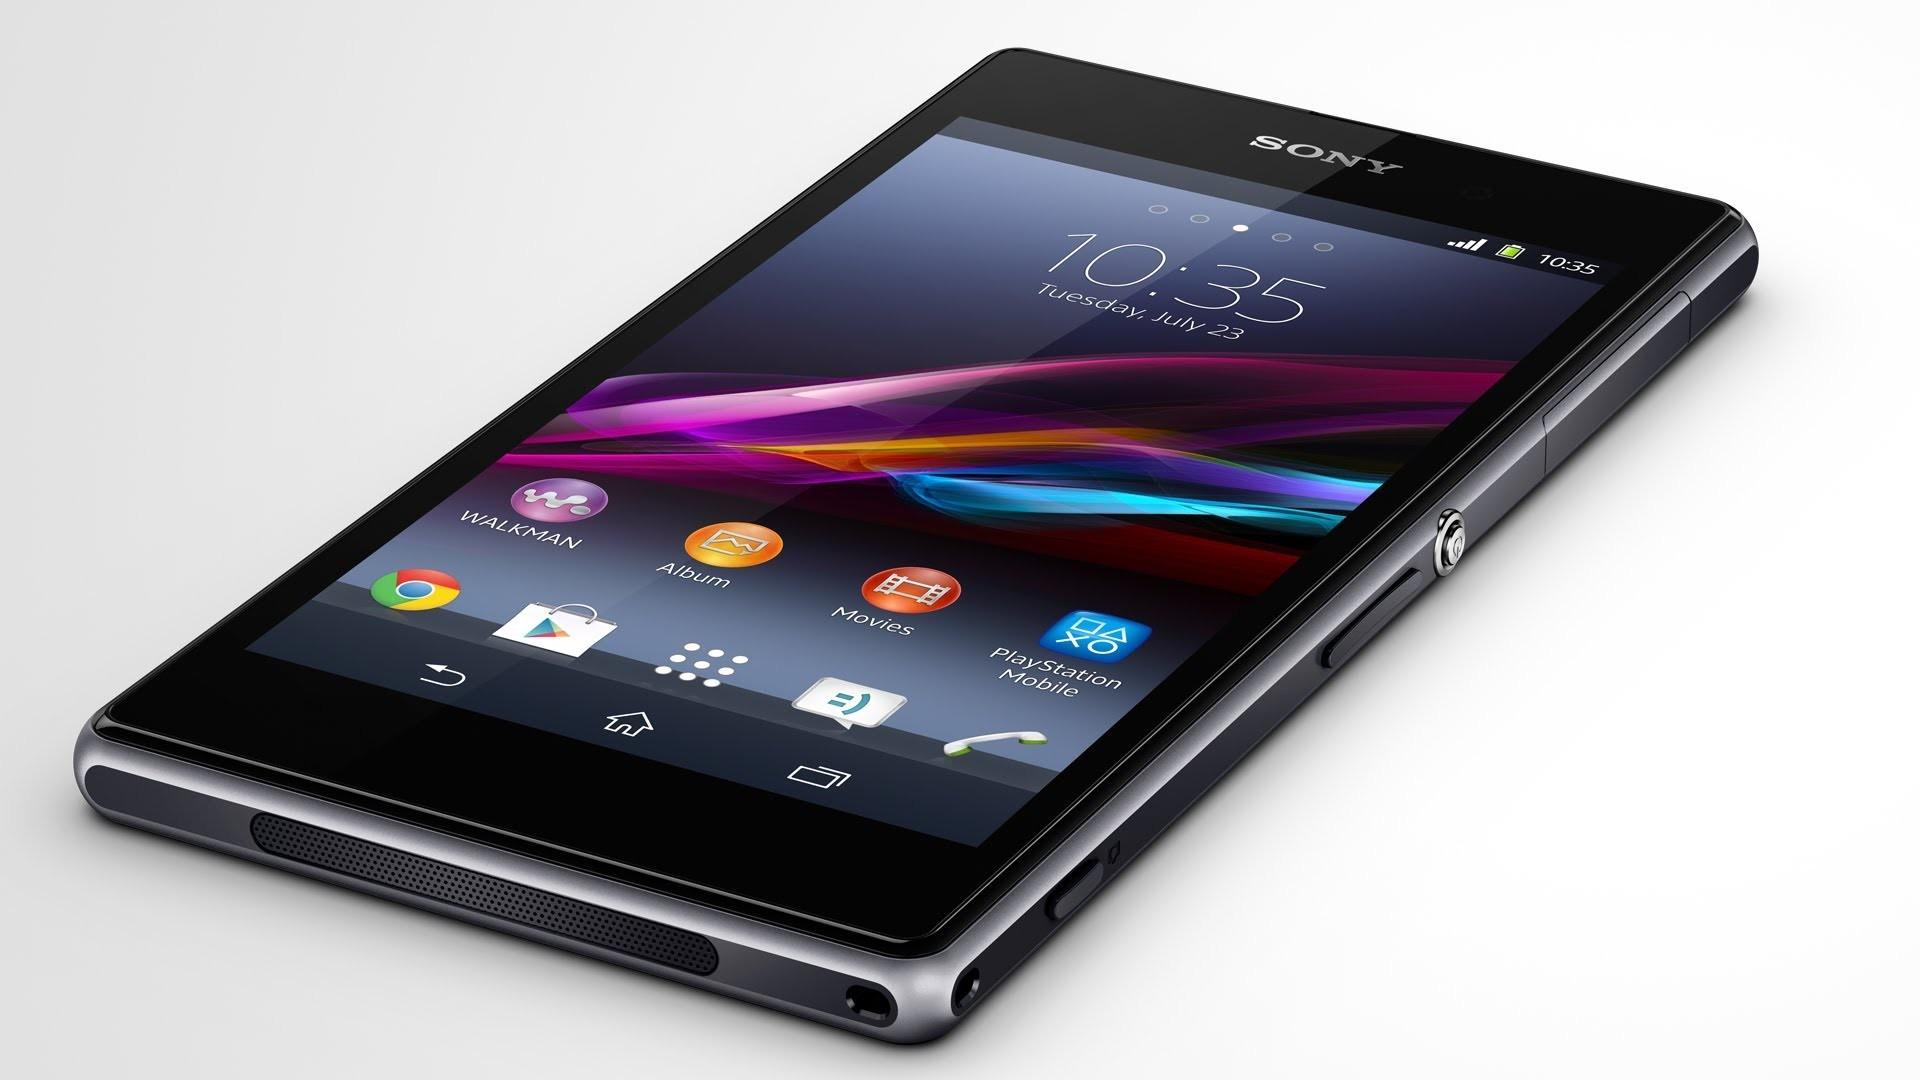 Sony Xperia Z1 homescreen